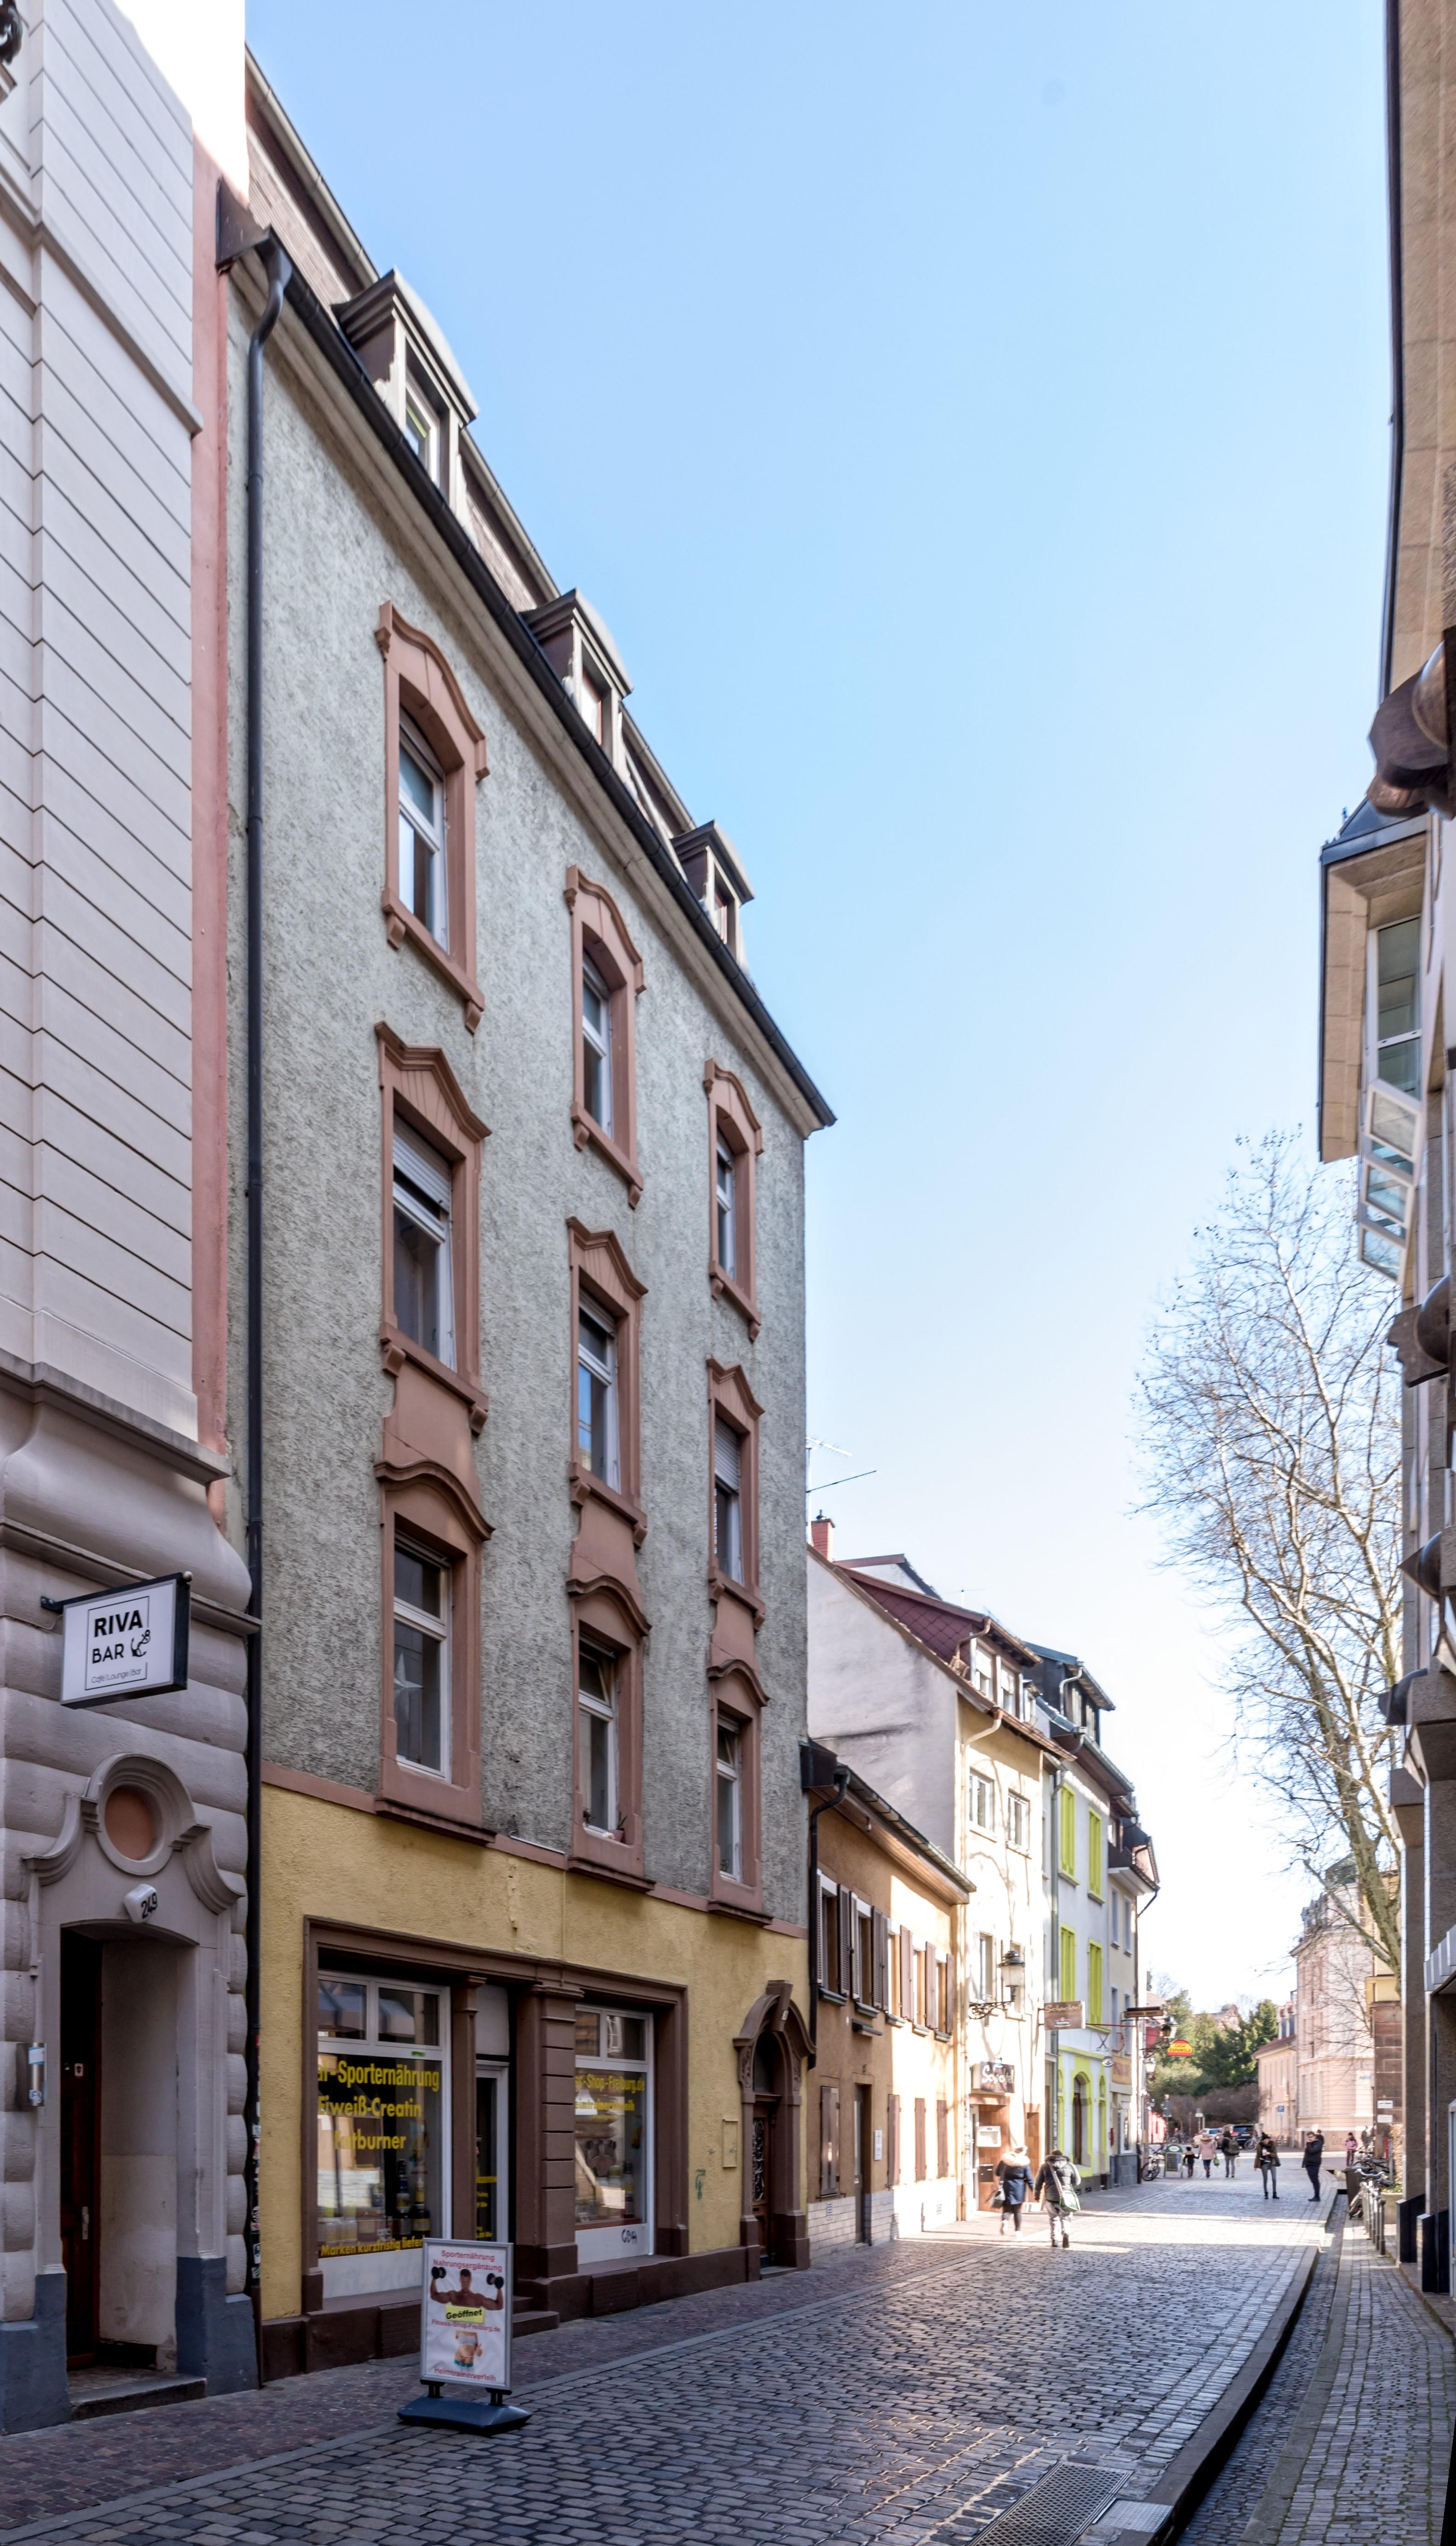 Datei:Adelhauserstraße 3 (Freiburg im Breisgau) jm61141.jpg – Wikipedia